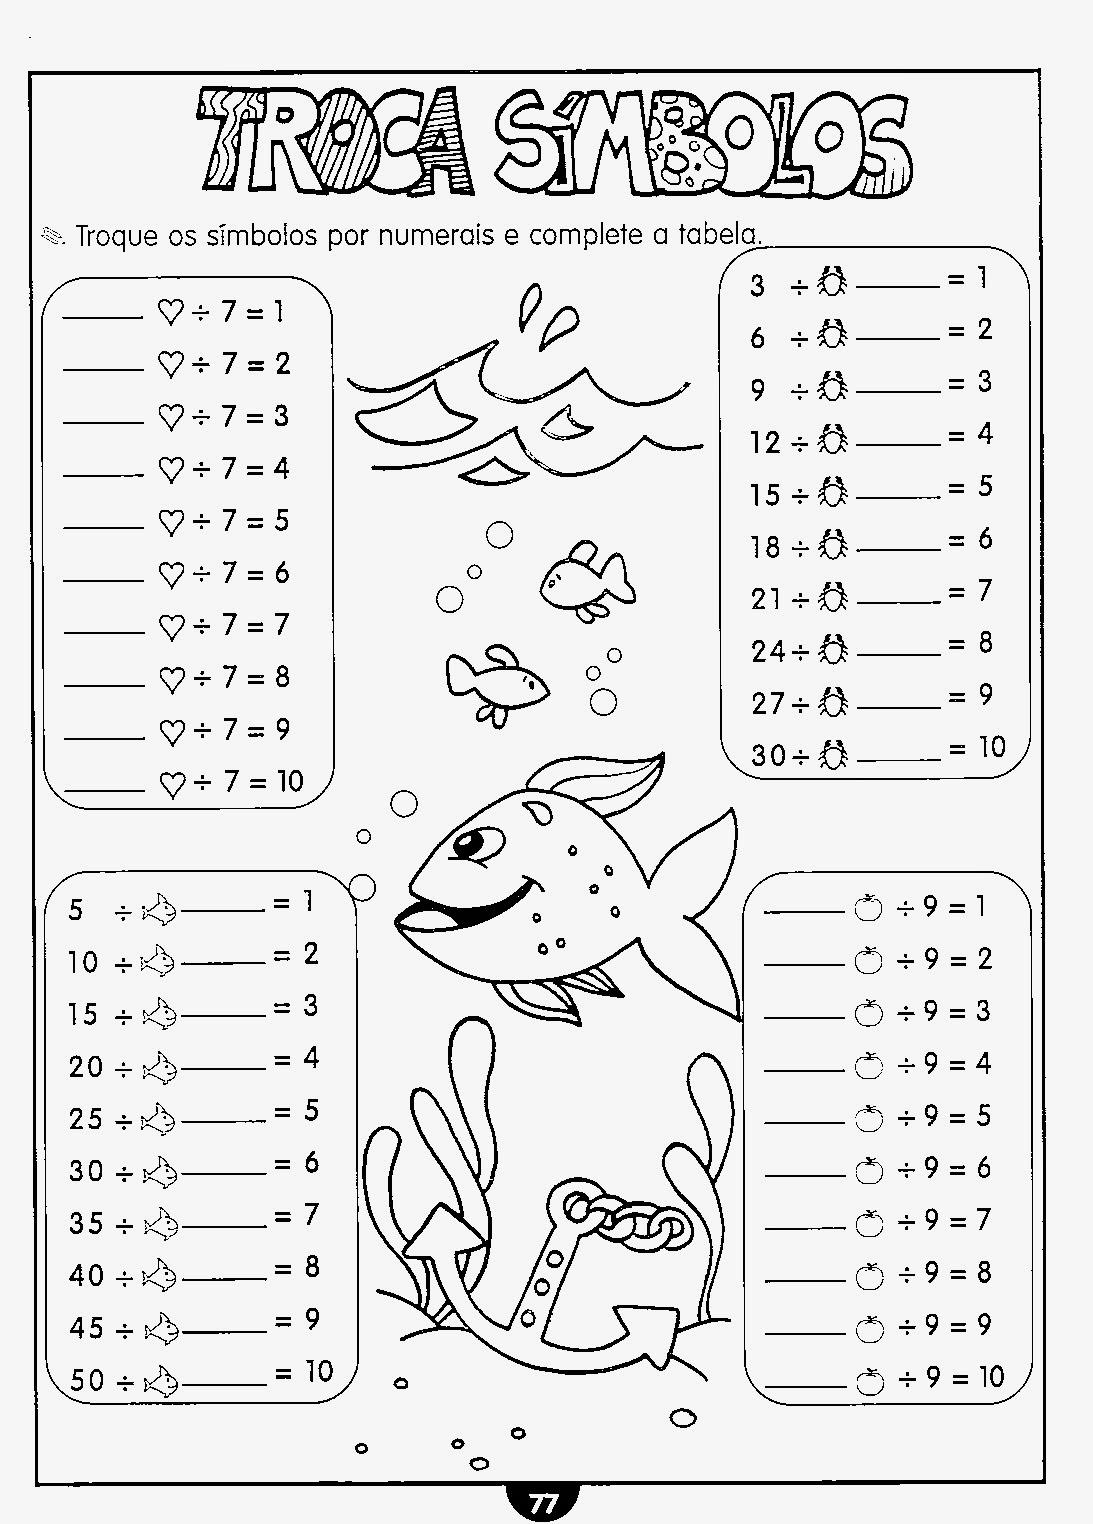 Atividades prontas de matemática 2 ano